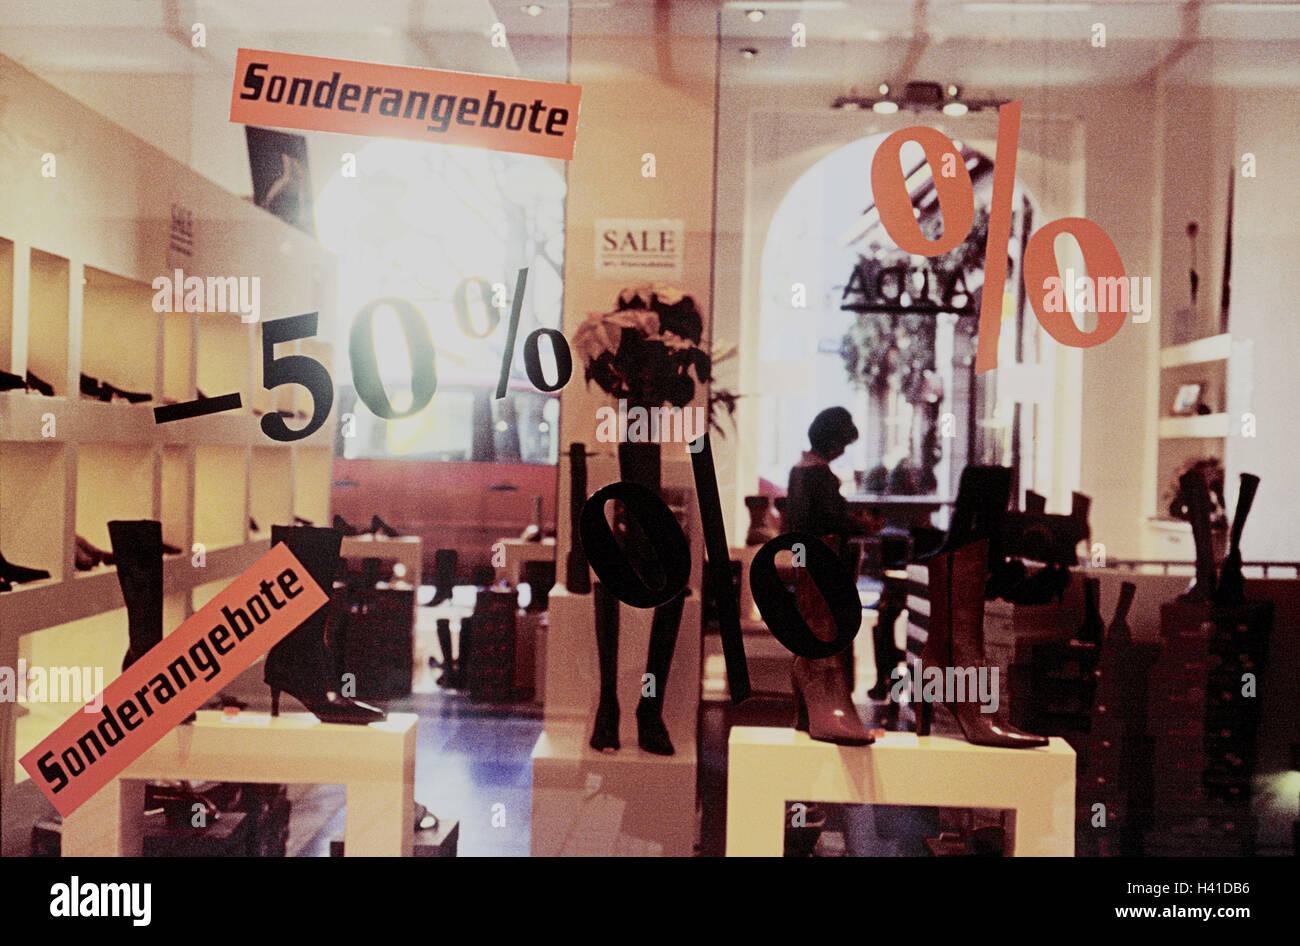 Calzatura store ade437ddf6e